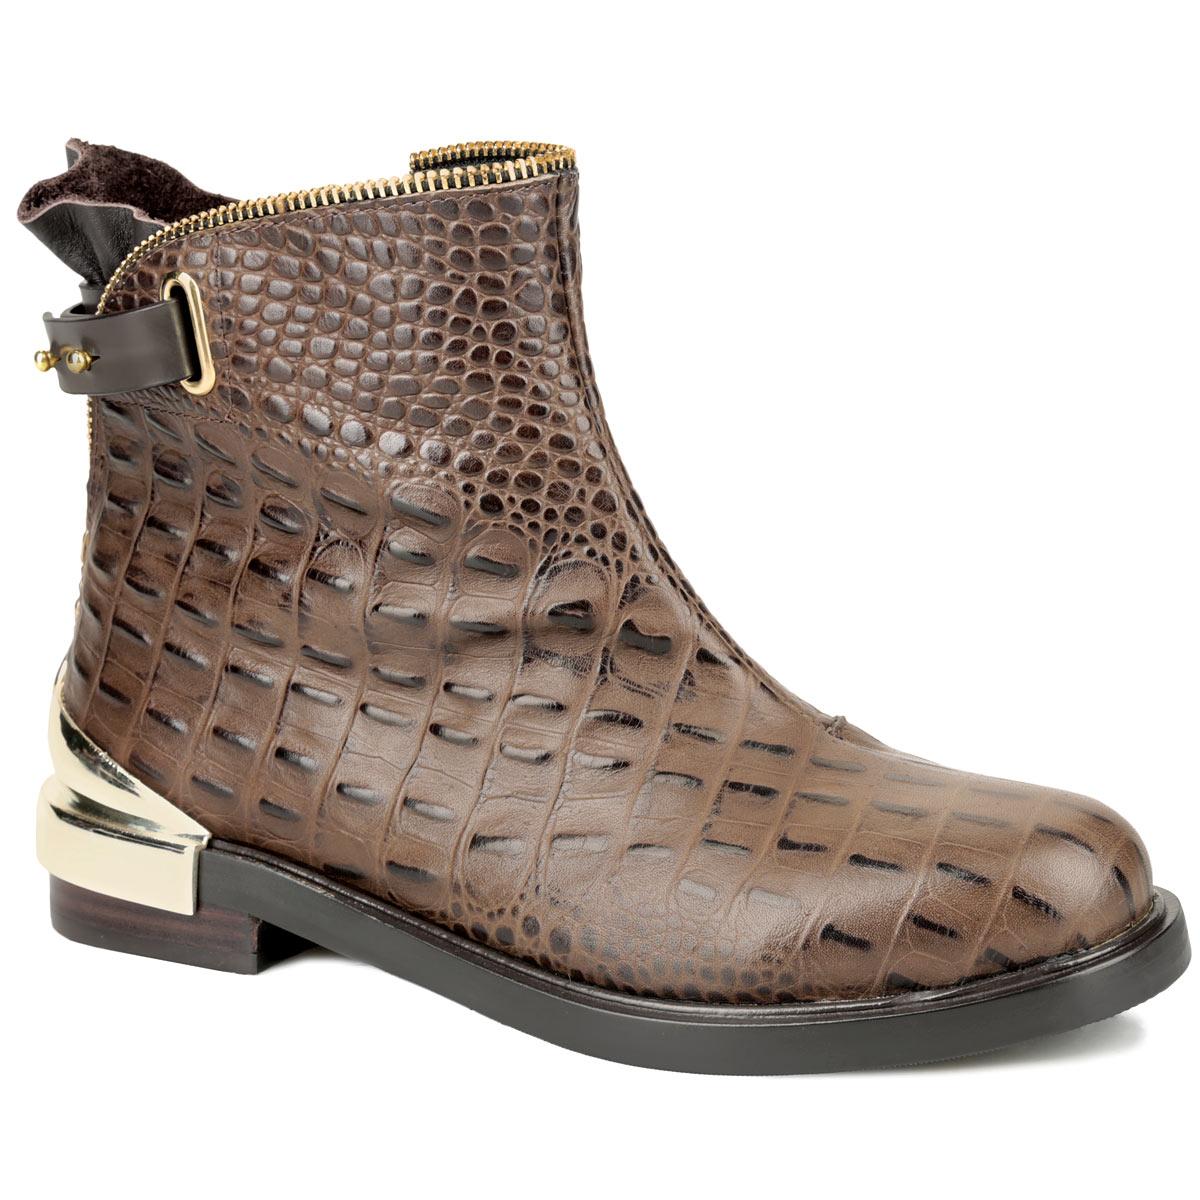 Ботинки женские. 2279522795Стильные женские ботинки от Vitacci заинтересуют вас своим дизайном с первого взгляда! Модель выполнена из натуральной кожи с выделкой под рептилию. Кант декорирован оригинальной молнией, плавно переходящей на задник. Также задник оформлен снизу металлической вставкой, а сверху - декоративным ремешком, закрывающимся на гвоздики. Ботинки застегиваются на застежку-молнию, расположенную сбоку. Подкладка и стелька - из мягкого ворсина, защитят ноги от холода и обеспечат комфорт. Подошва с оригинальным рифленым рисунком обеспечивает идеальное сцепление с разными поверхностями. Ультрамодные ботинки не оставят вас незамеченной!